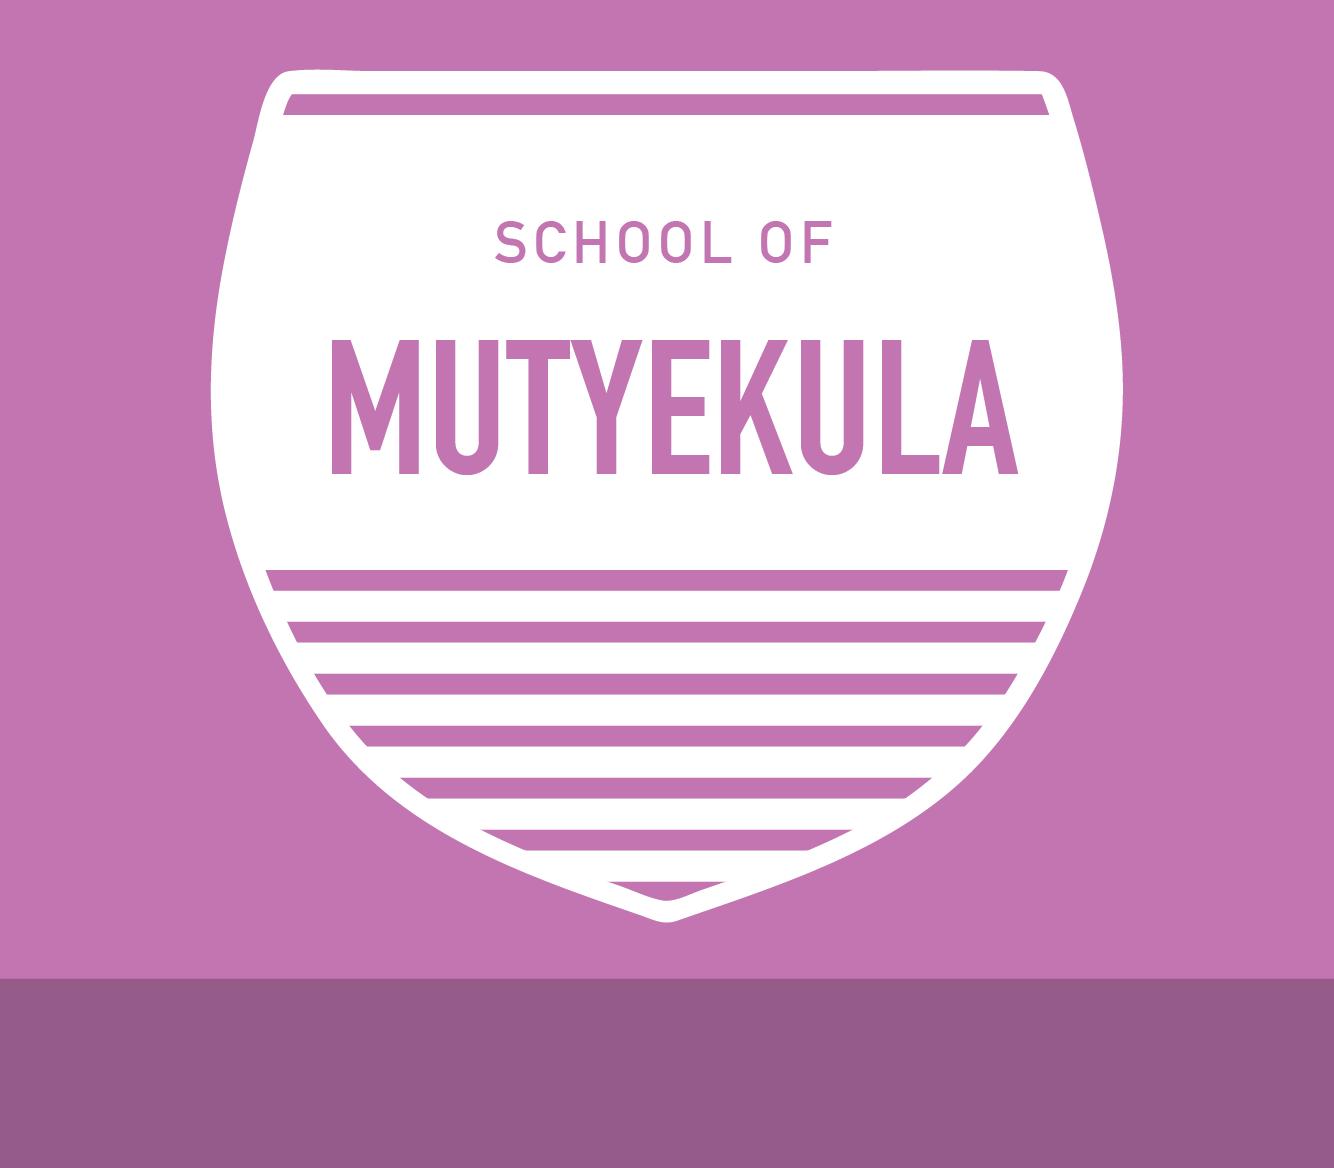 School of mutyekula